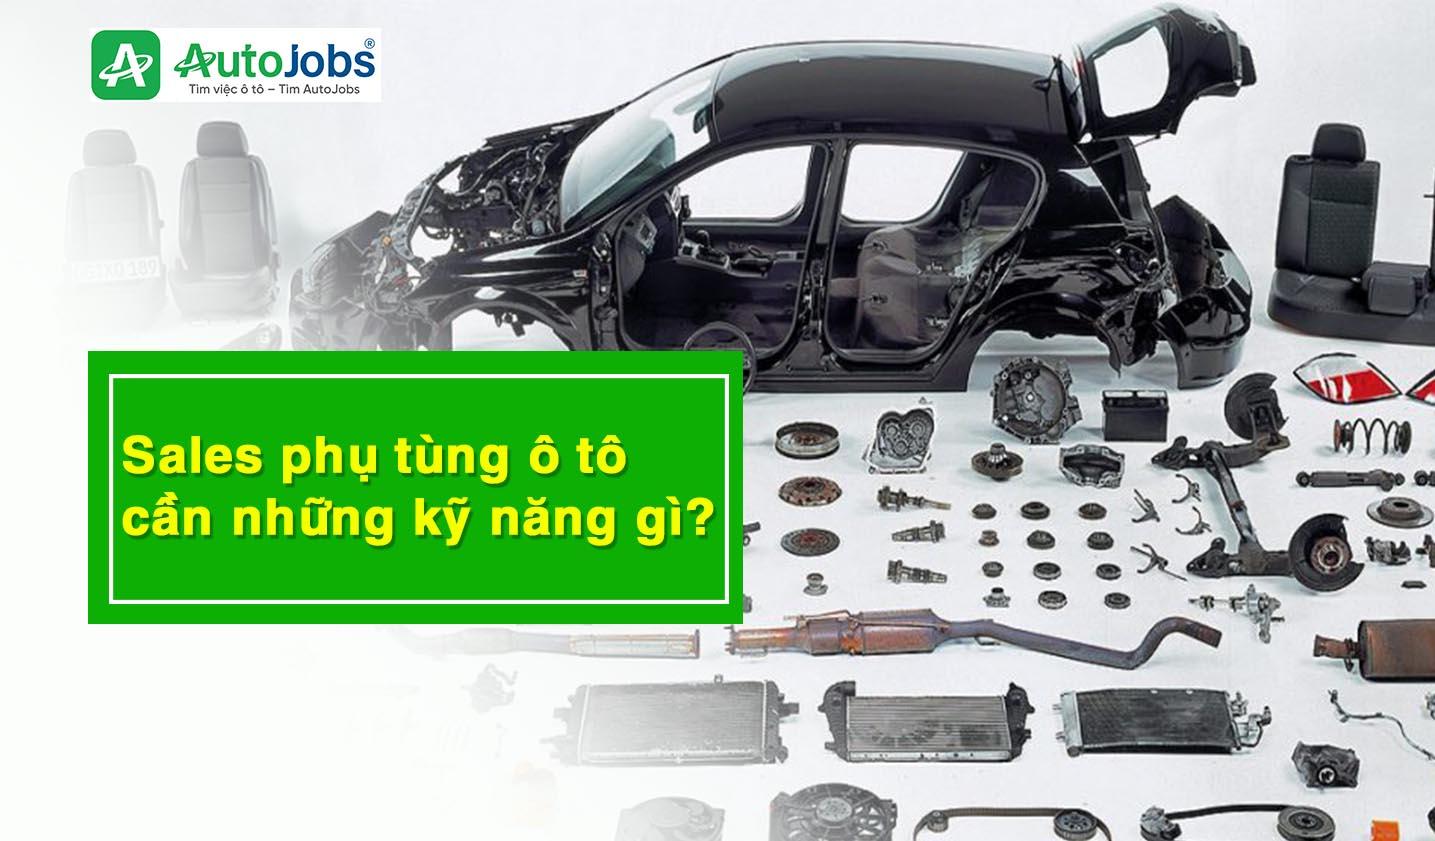 sales-phu-tung-oto-can-nhung-ky-nang-gi.jpg